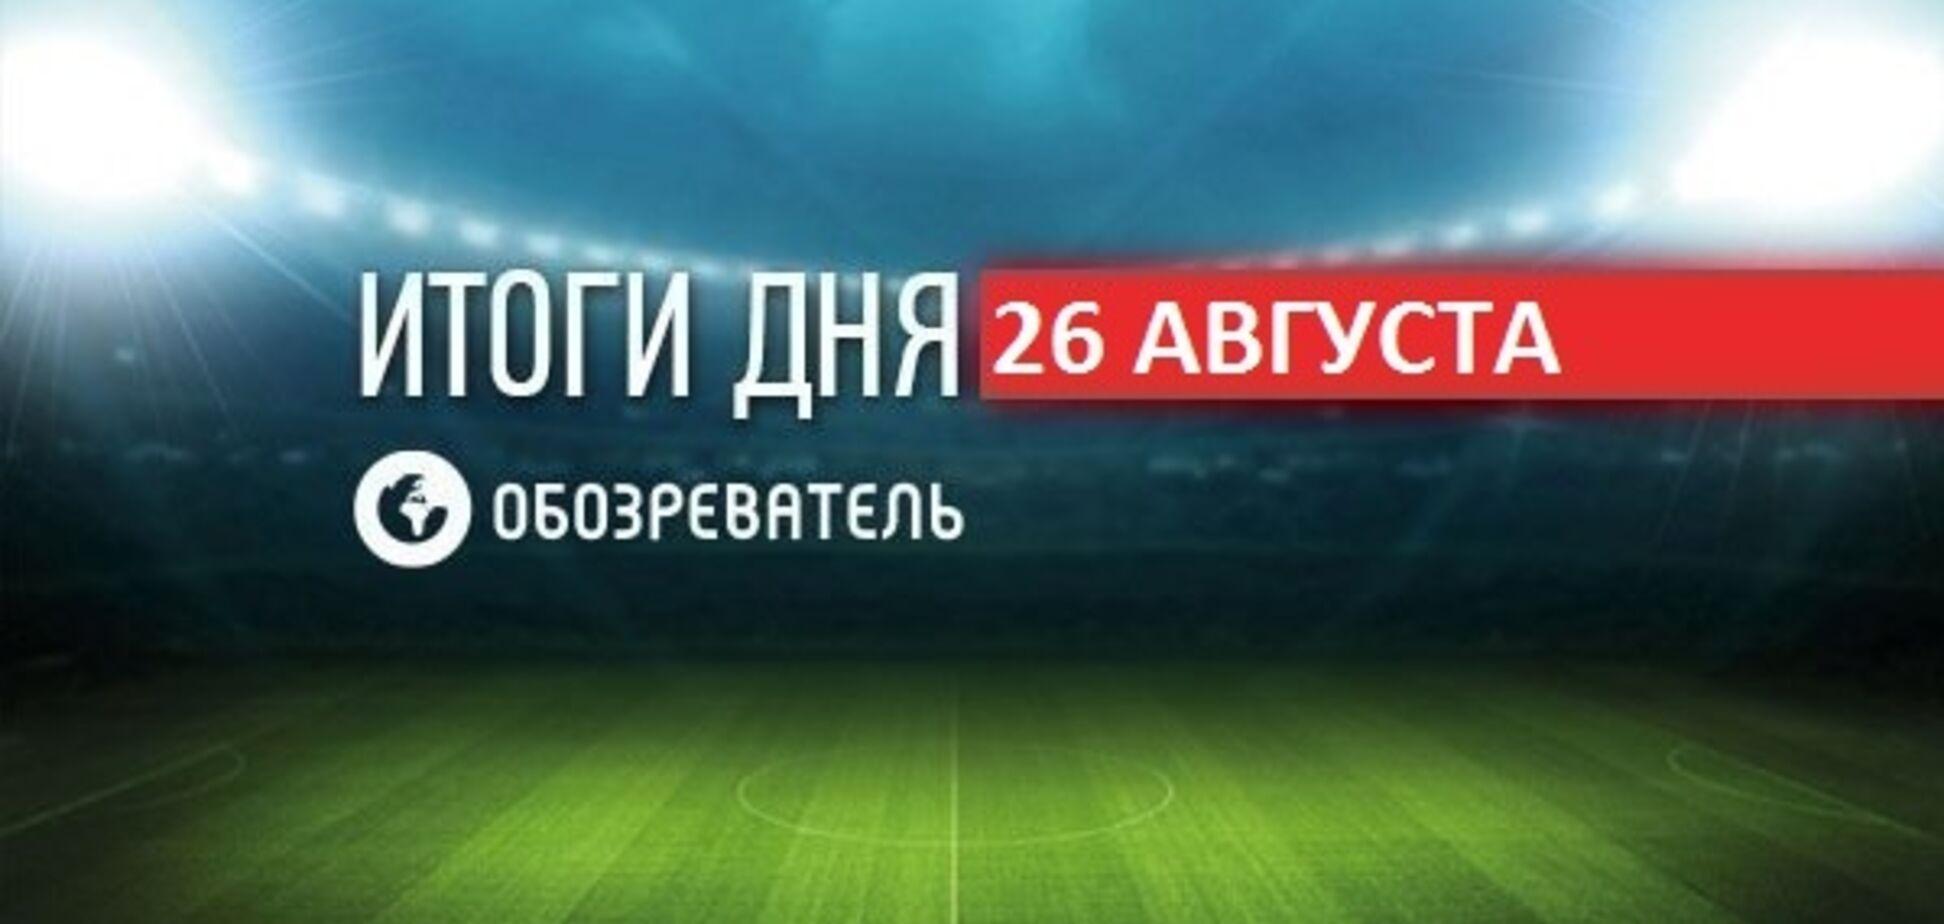 Фаны 'Динамо' устроили разборки с игроками: спортивные итоги 26 августа